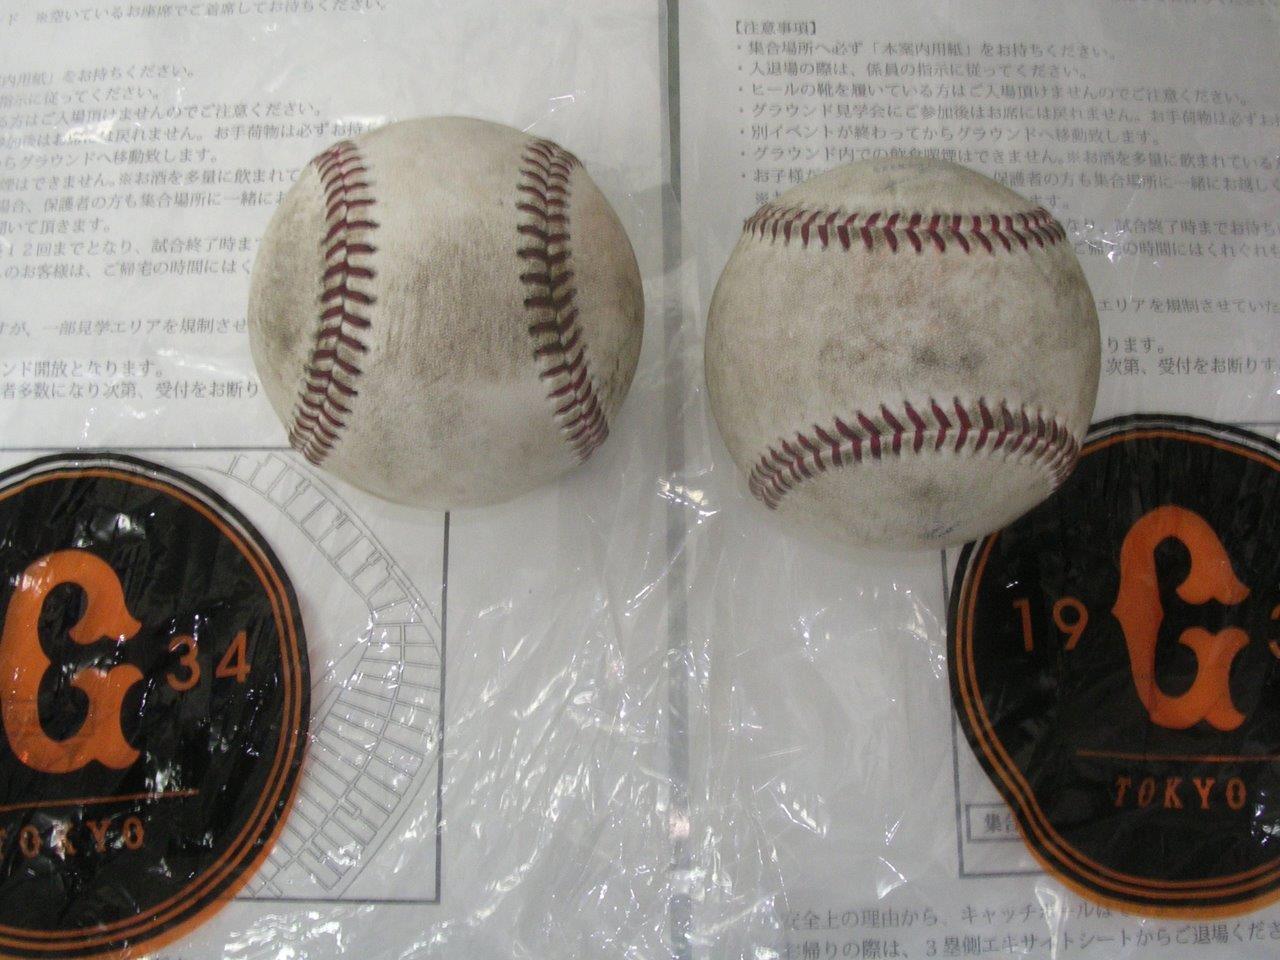 読売巨人軍 公式戦・練習で使用した公式球 結束シート